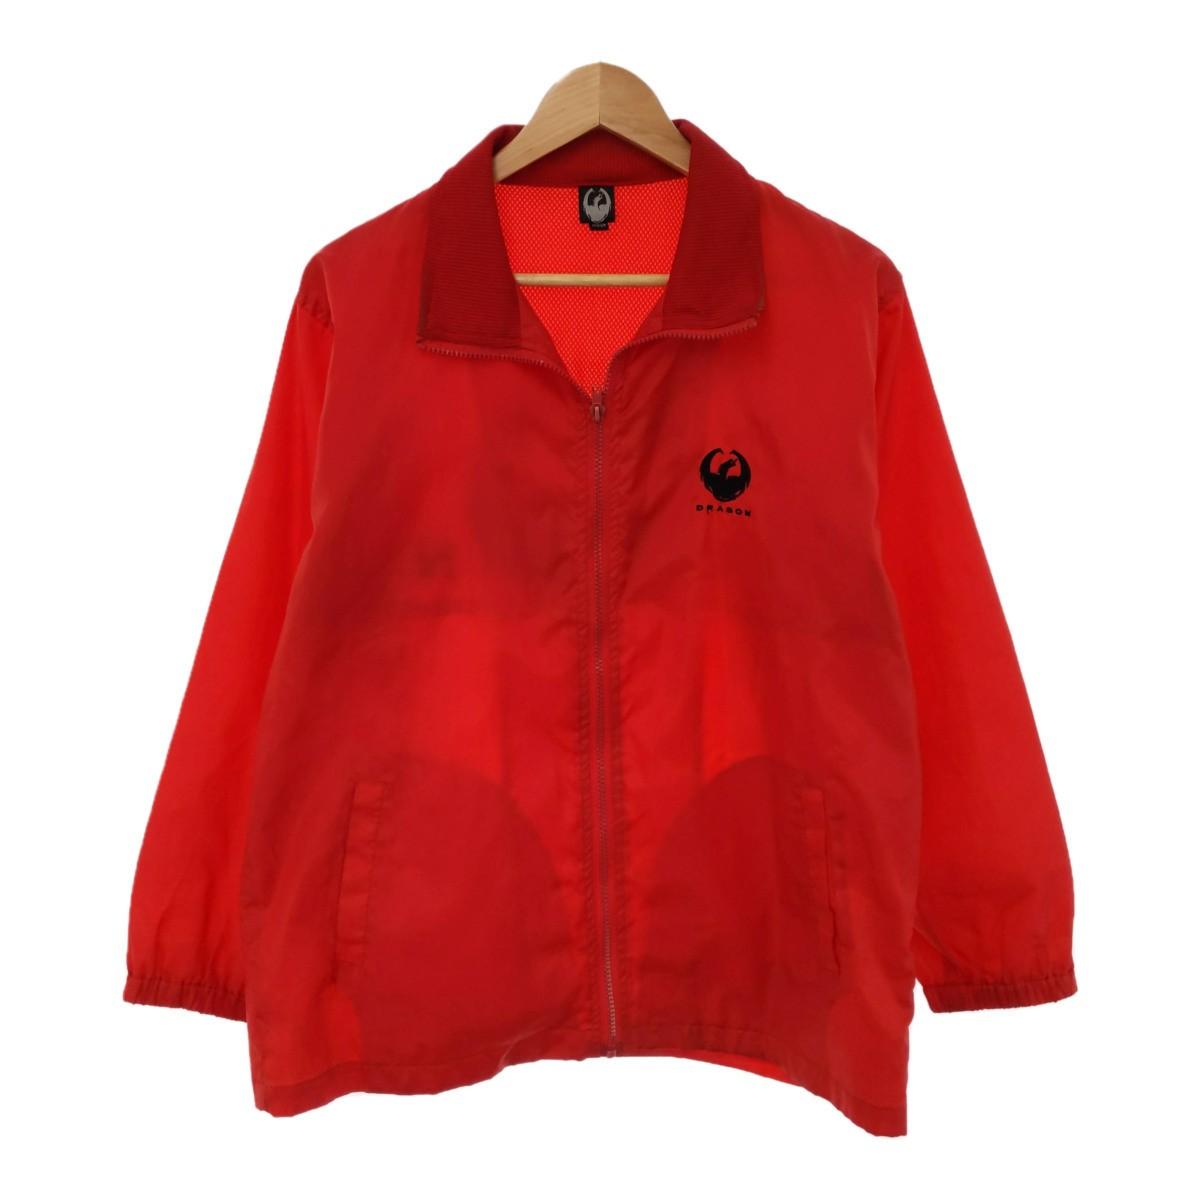 セール特価 DRAGON 90年代 Nylon Jacket 90's Street RM89AK (訳ありセール 格安) 三国ケ丘店 中古 JAMNUTS Wear